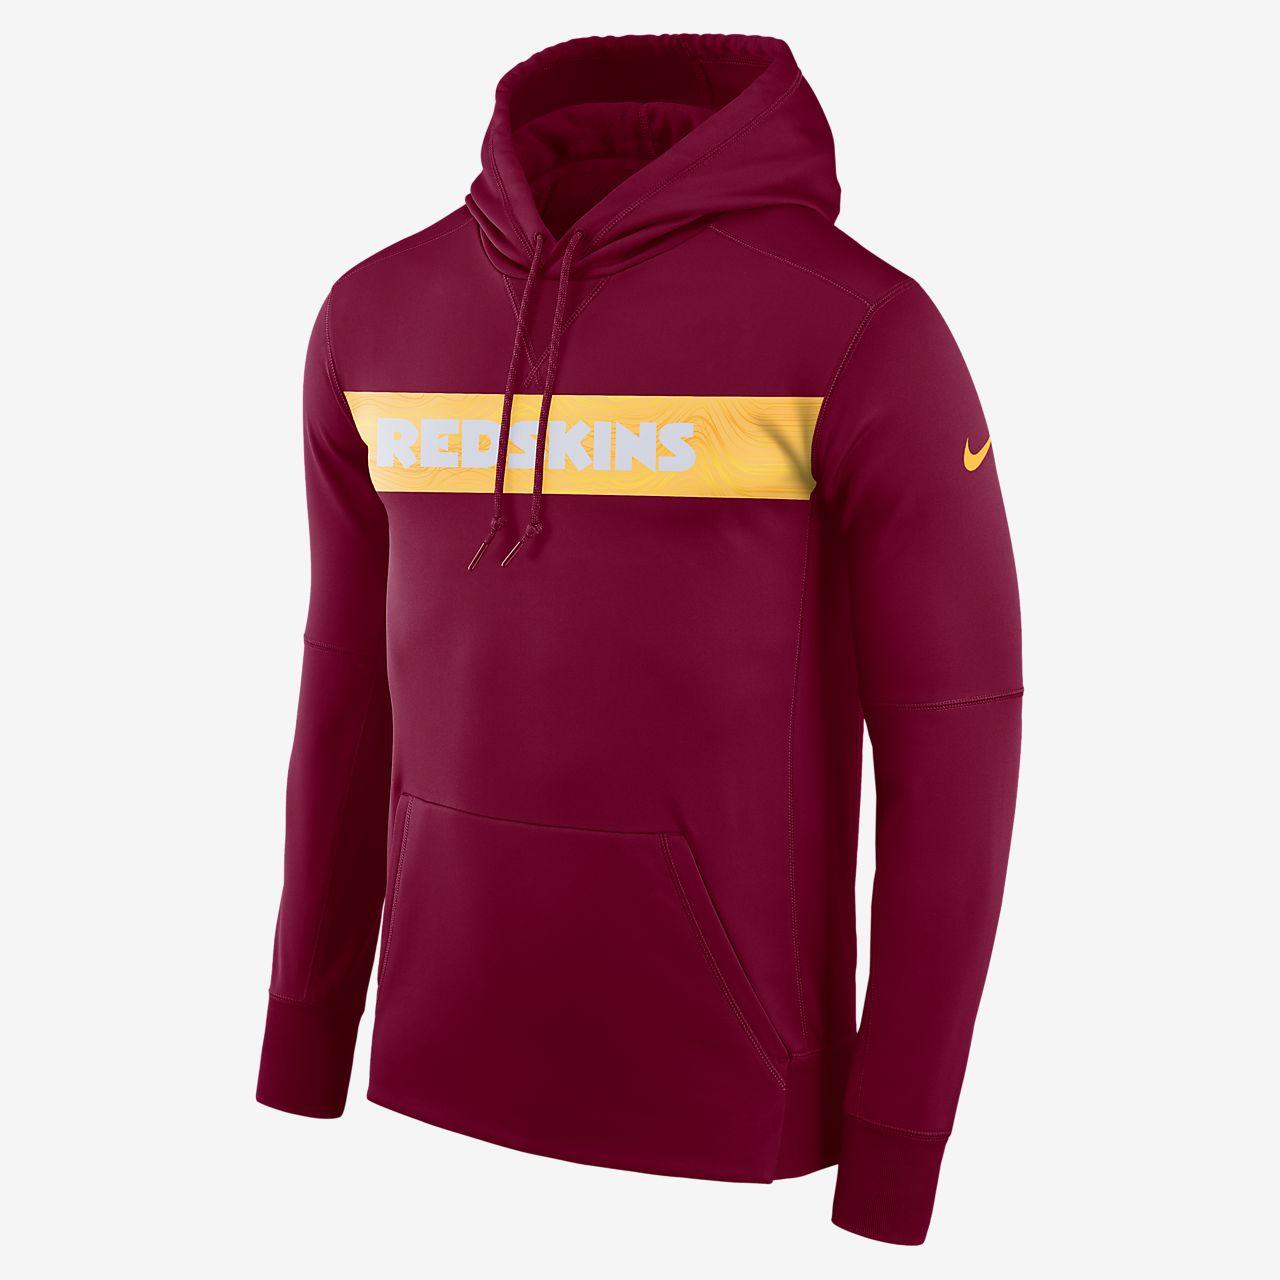 Nike Dri-FIT Therma (NFL Redskins) Hoodie voor heren